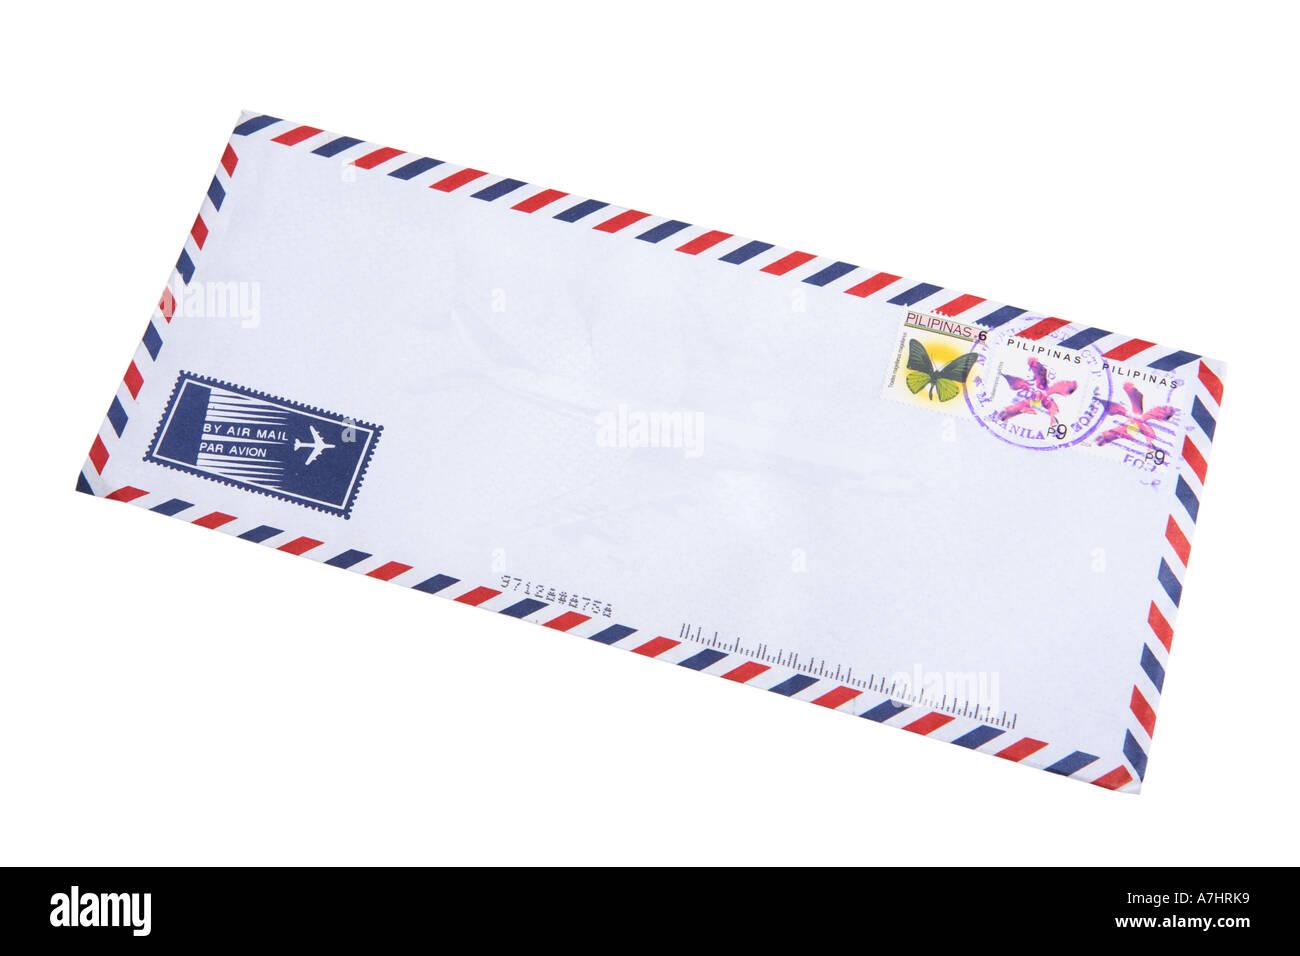 International Letter - Stock Image